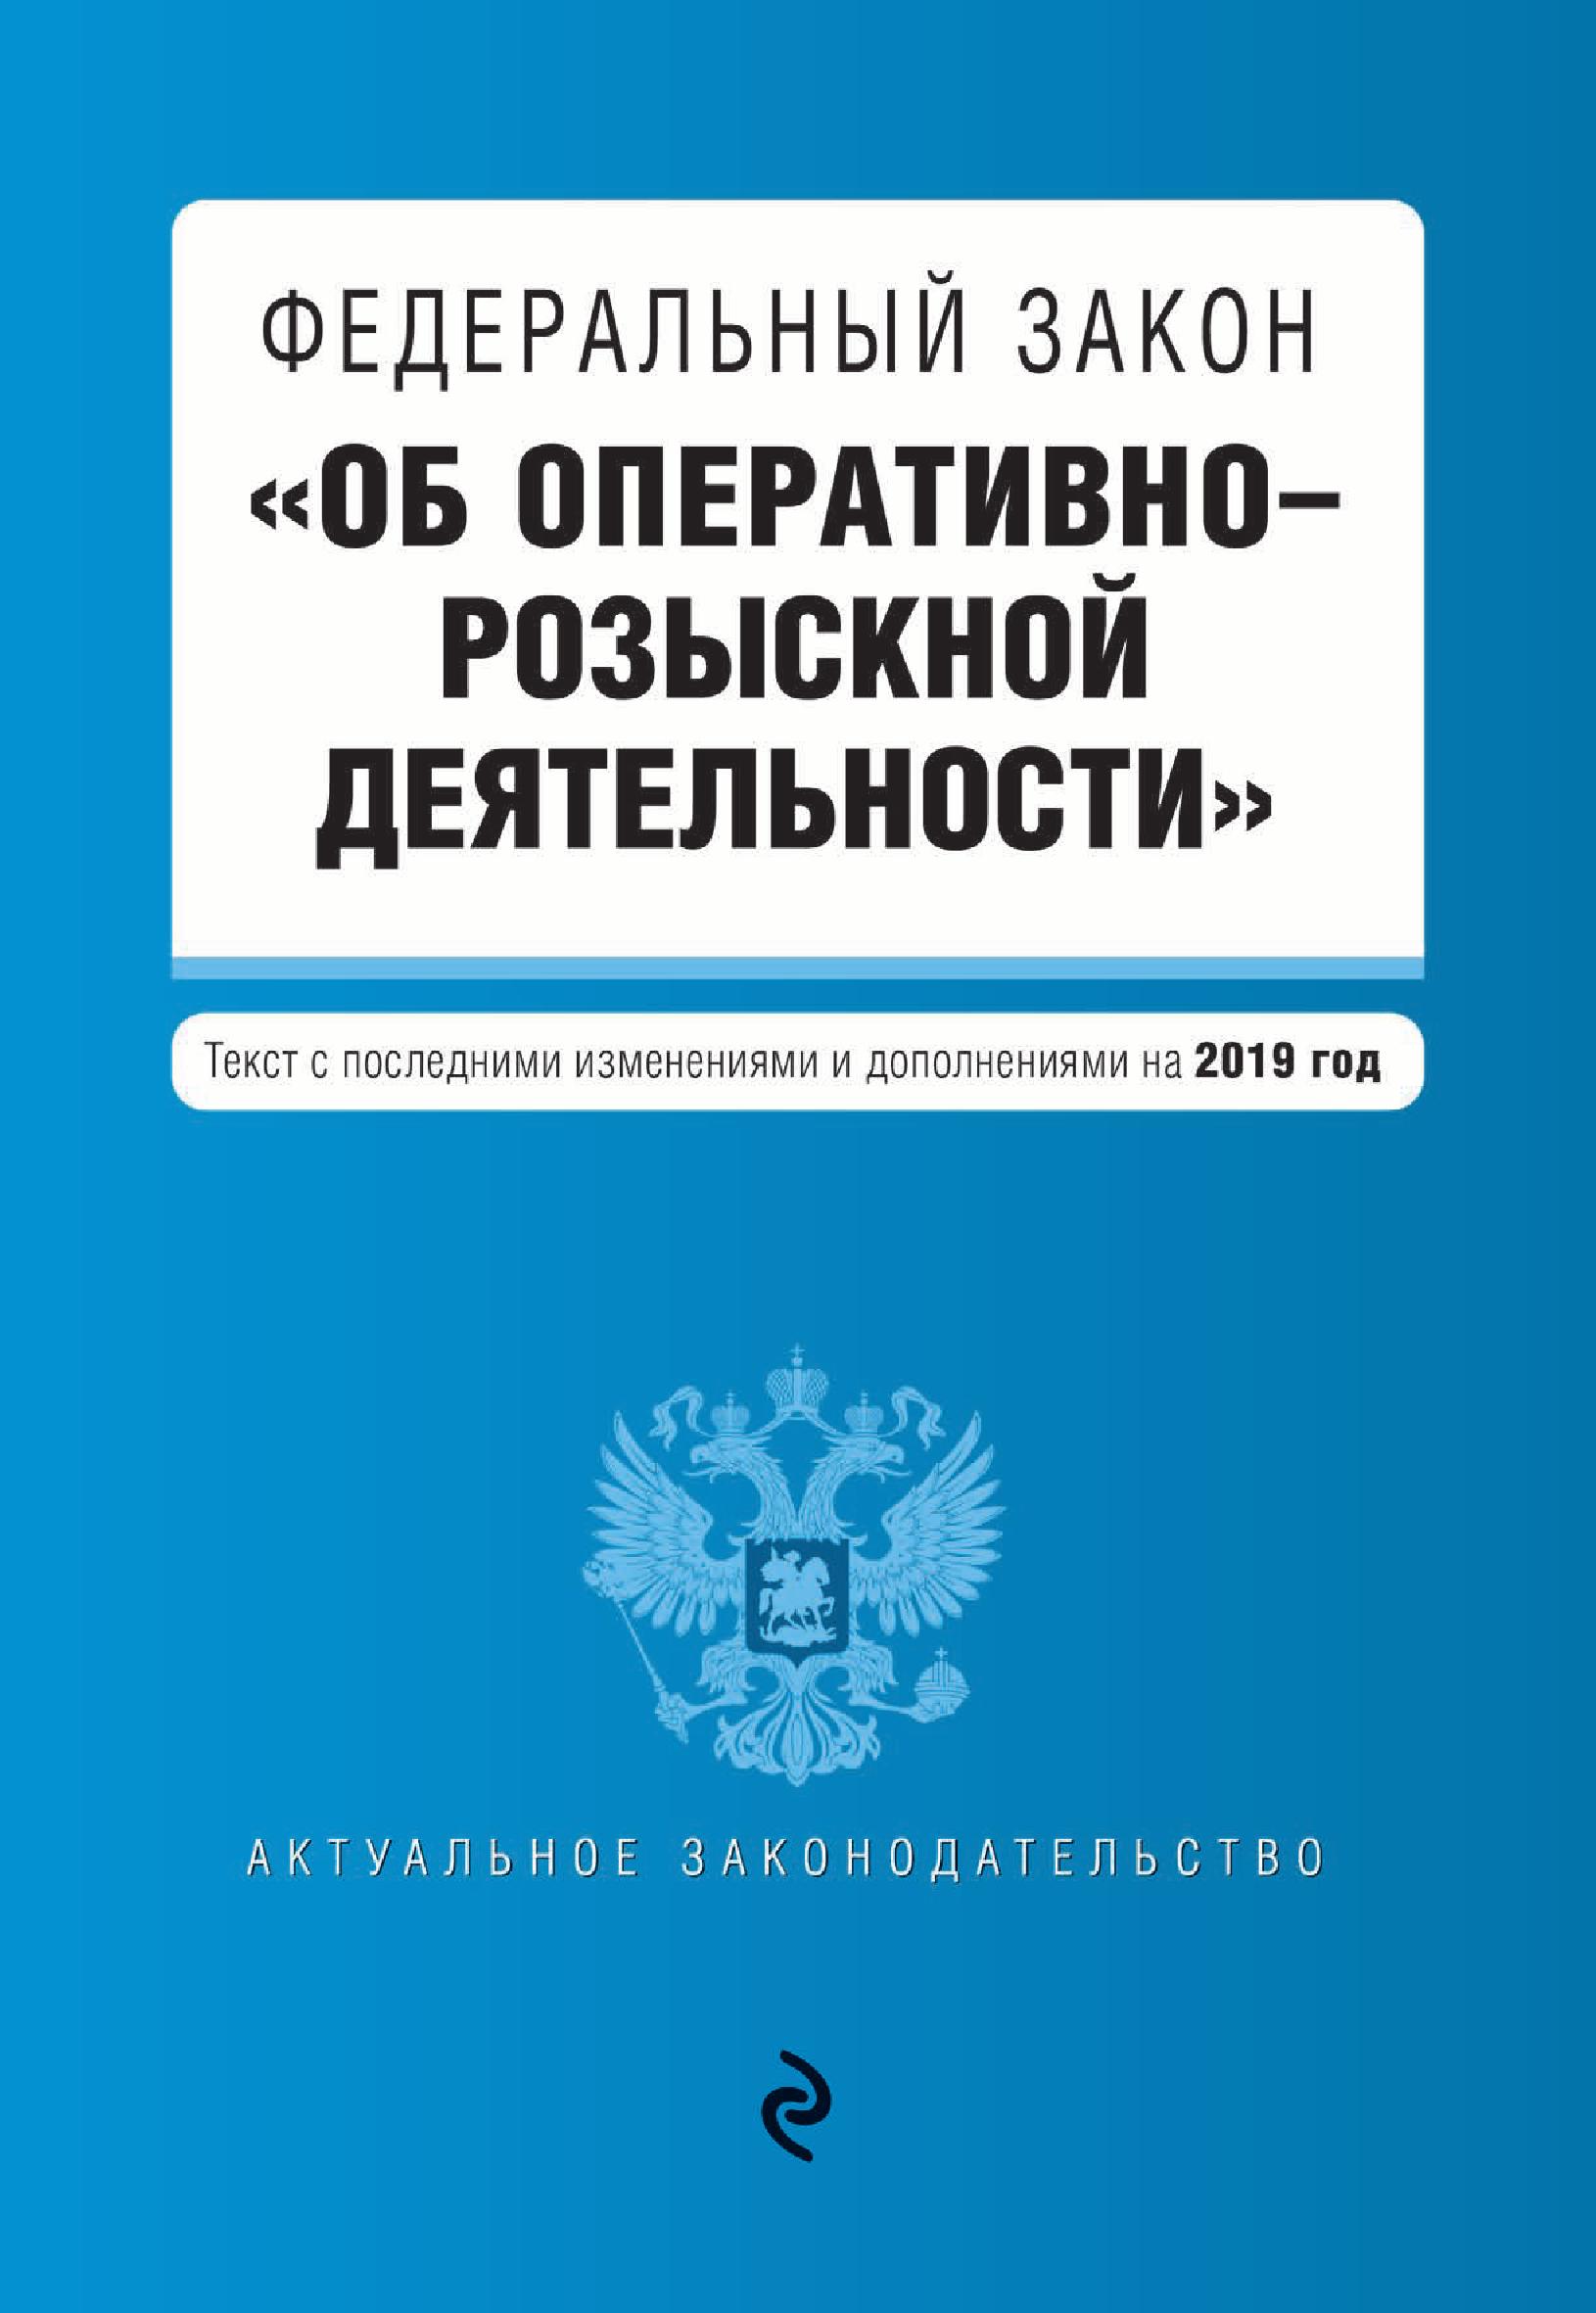 Федеральный закон «Об оперативно-розыскной деятельности». Текст с изменениями и дополнениями на 2019 год